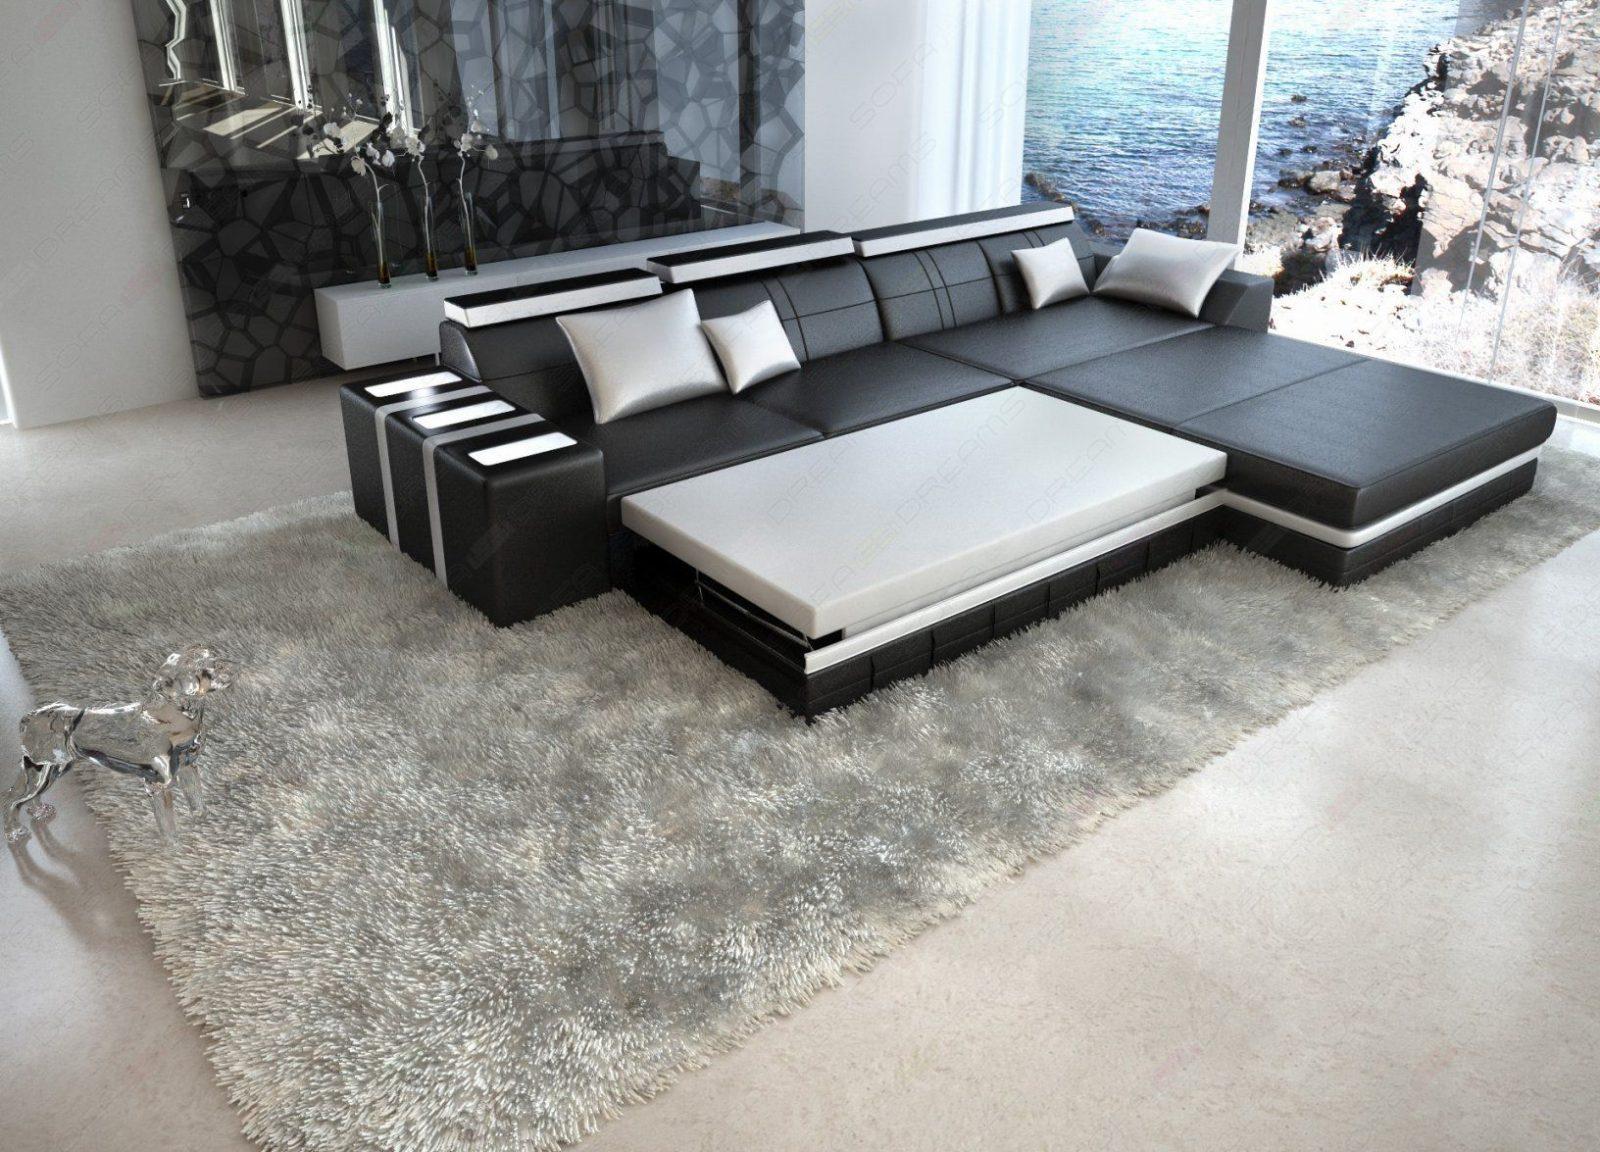 Sofa Schön Couch L Form Mit Schlaffunktion Ausgezeichnet Sofa L von Couch L-Form Mit Schlaffunktion Photo